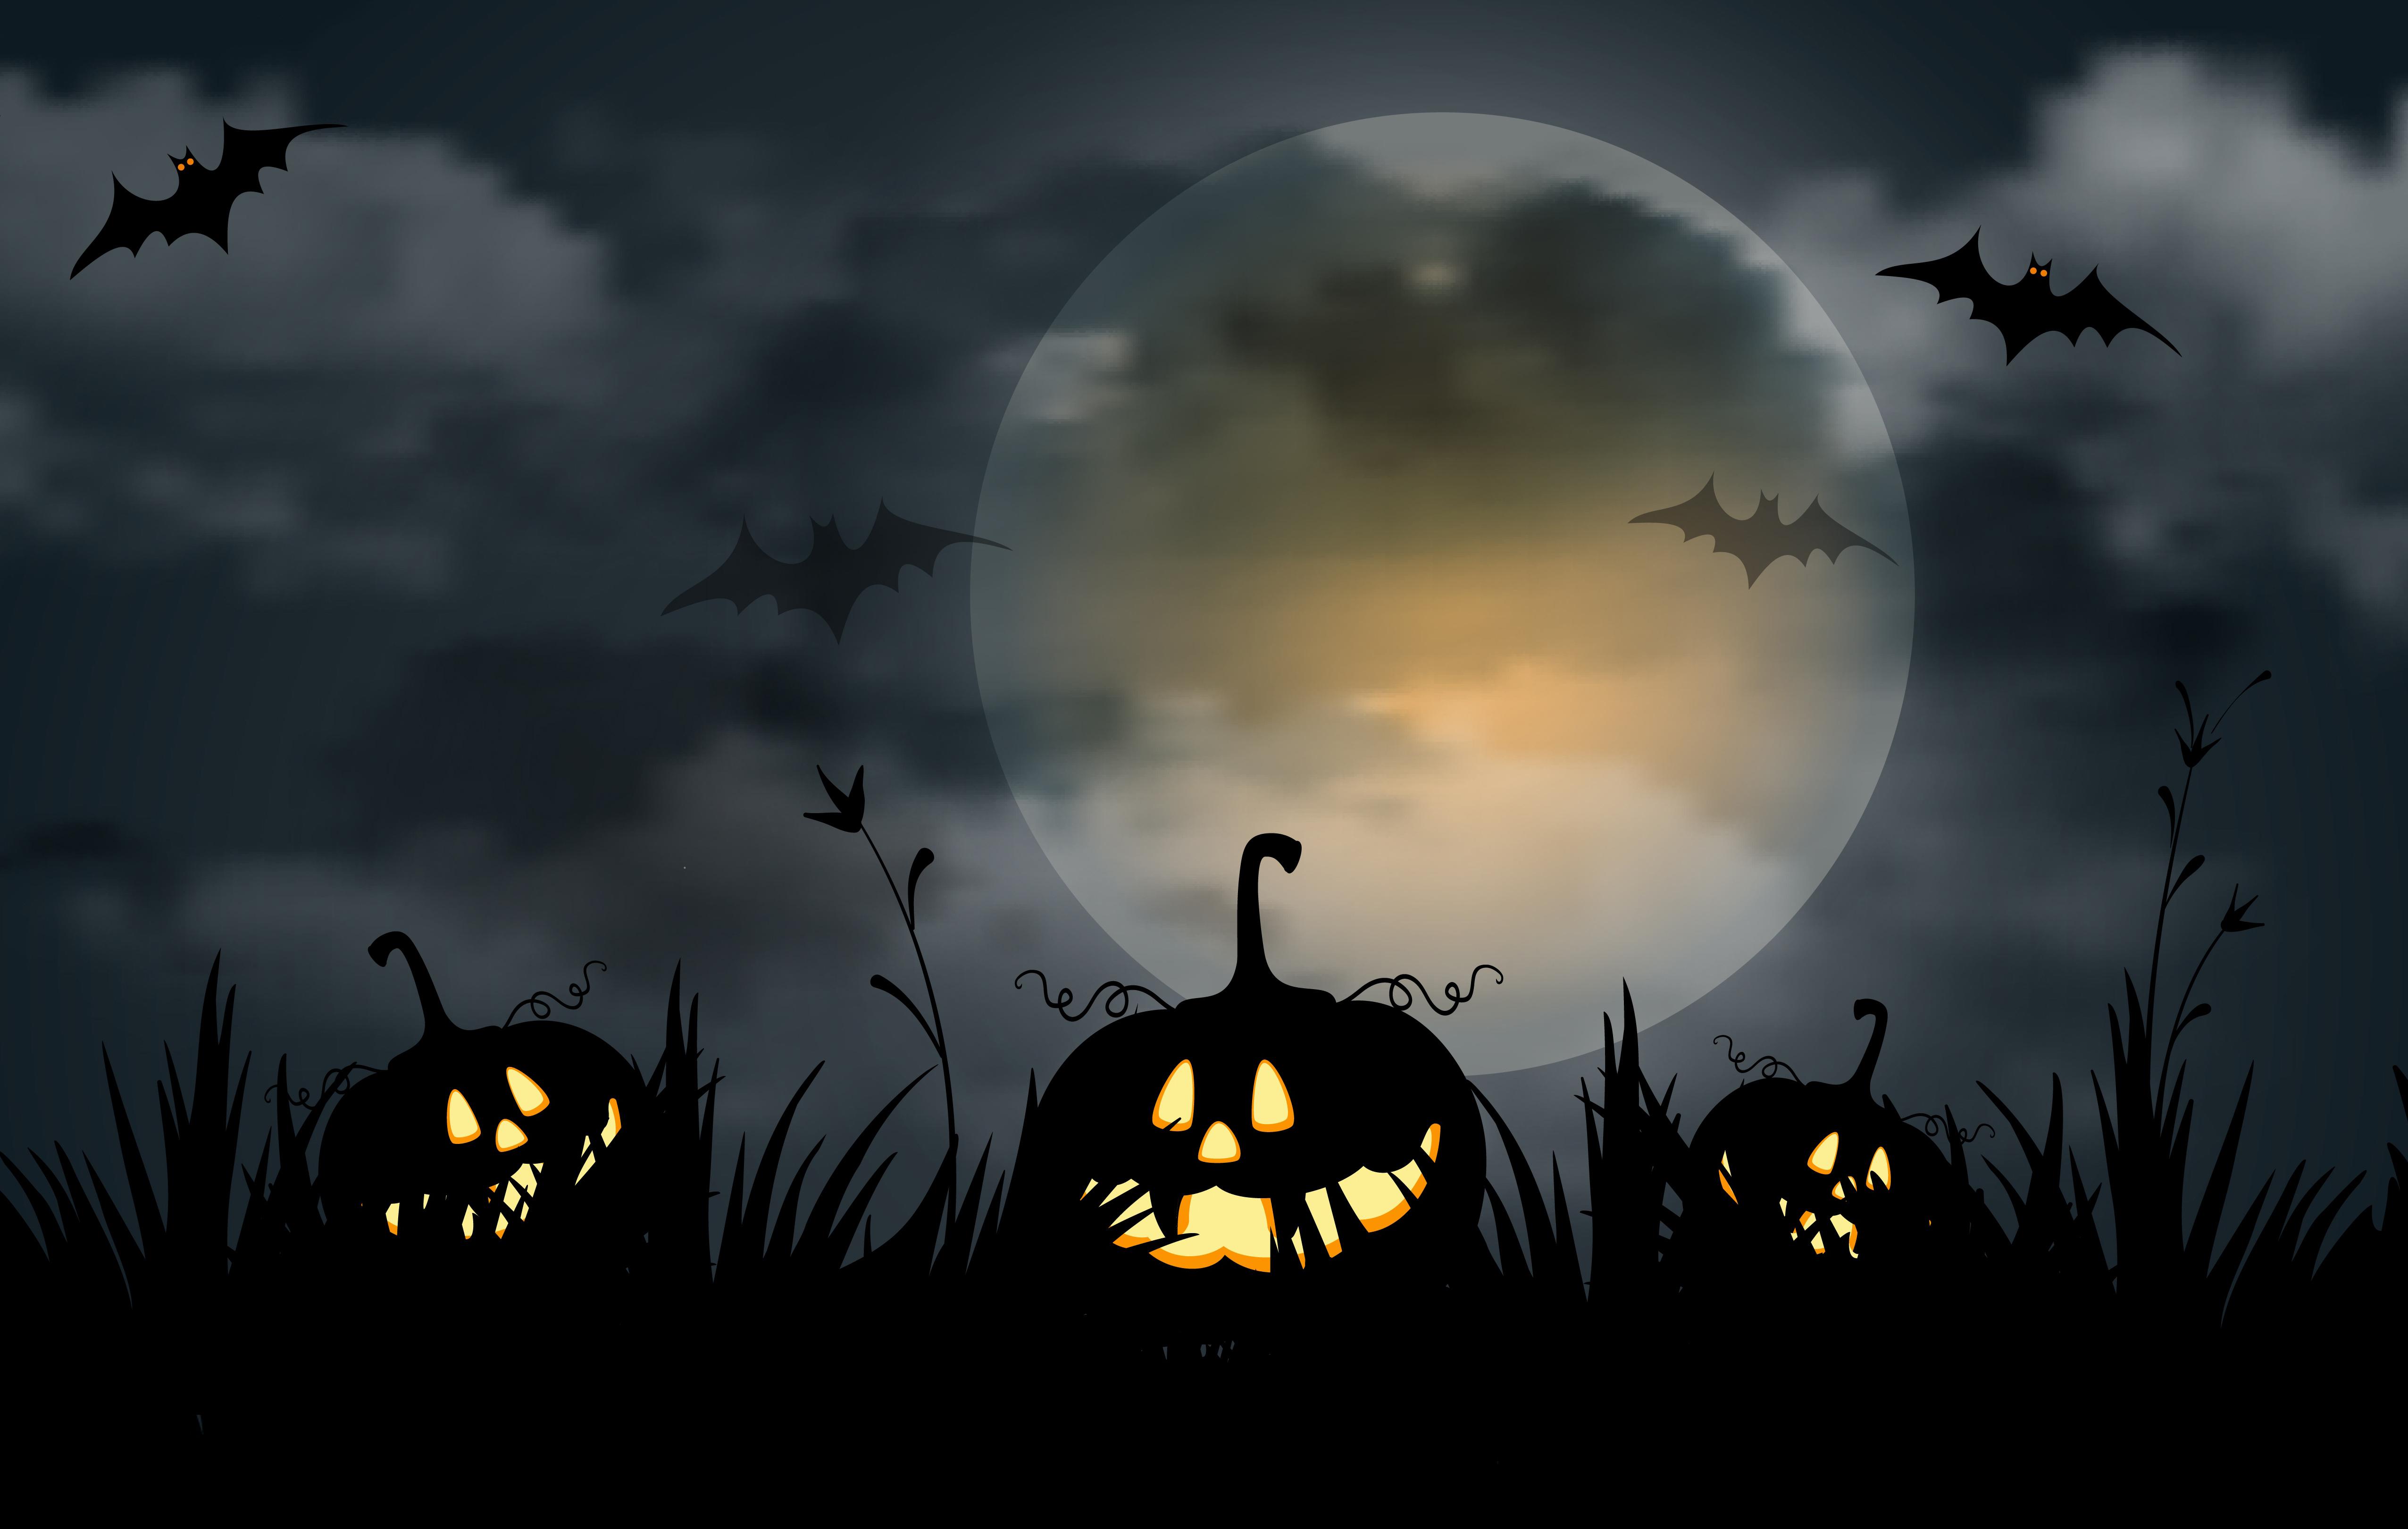 Обои halloween скачать для рабочего стола, фотографии evil ...